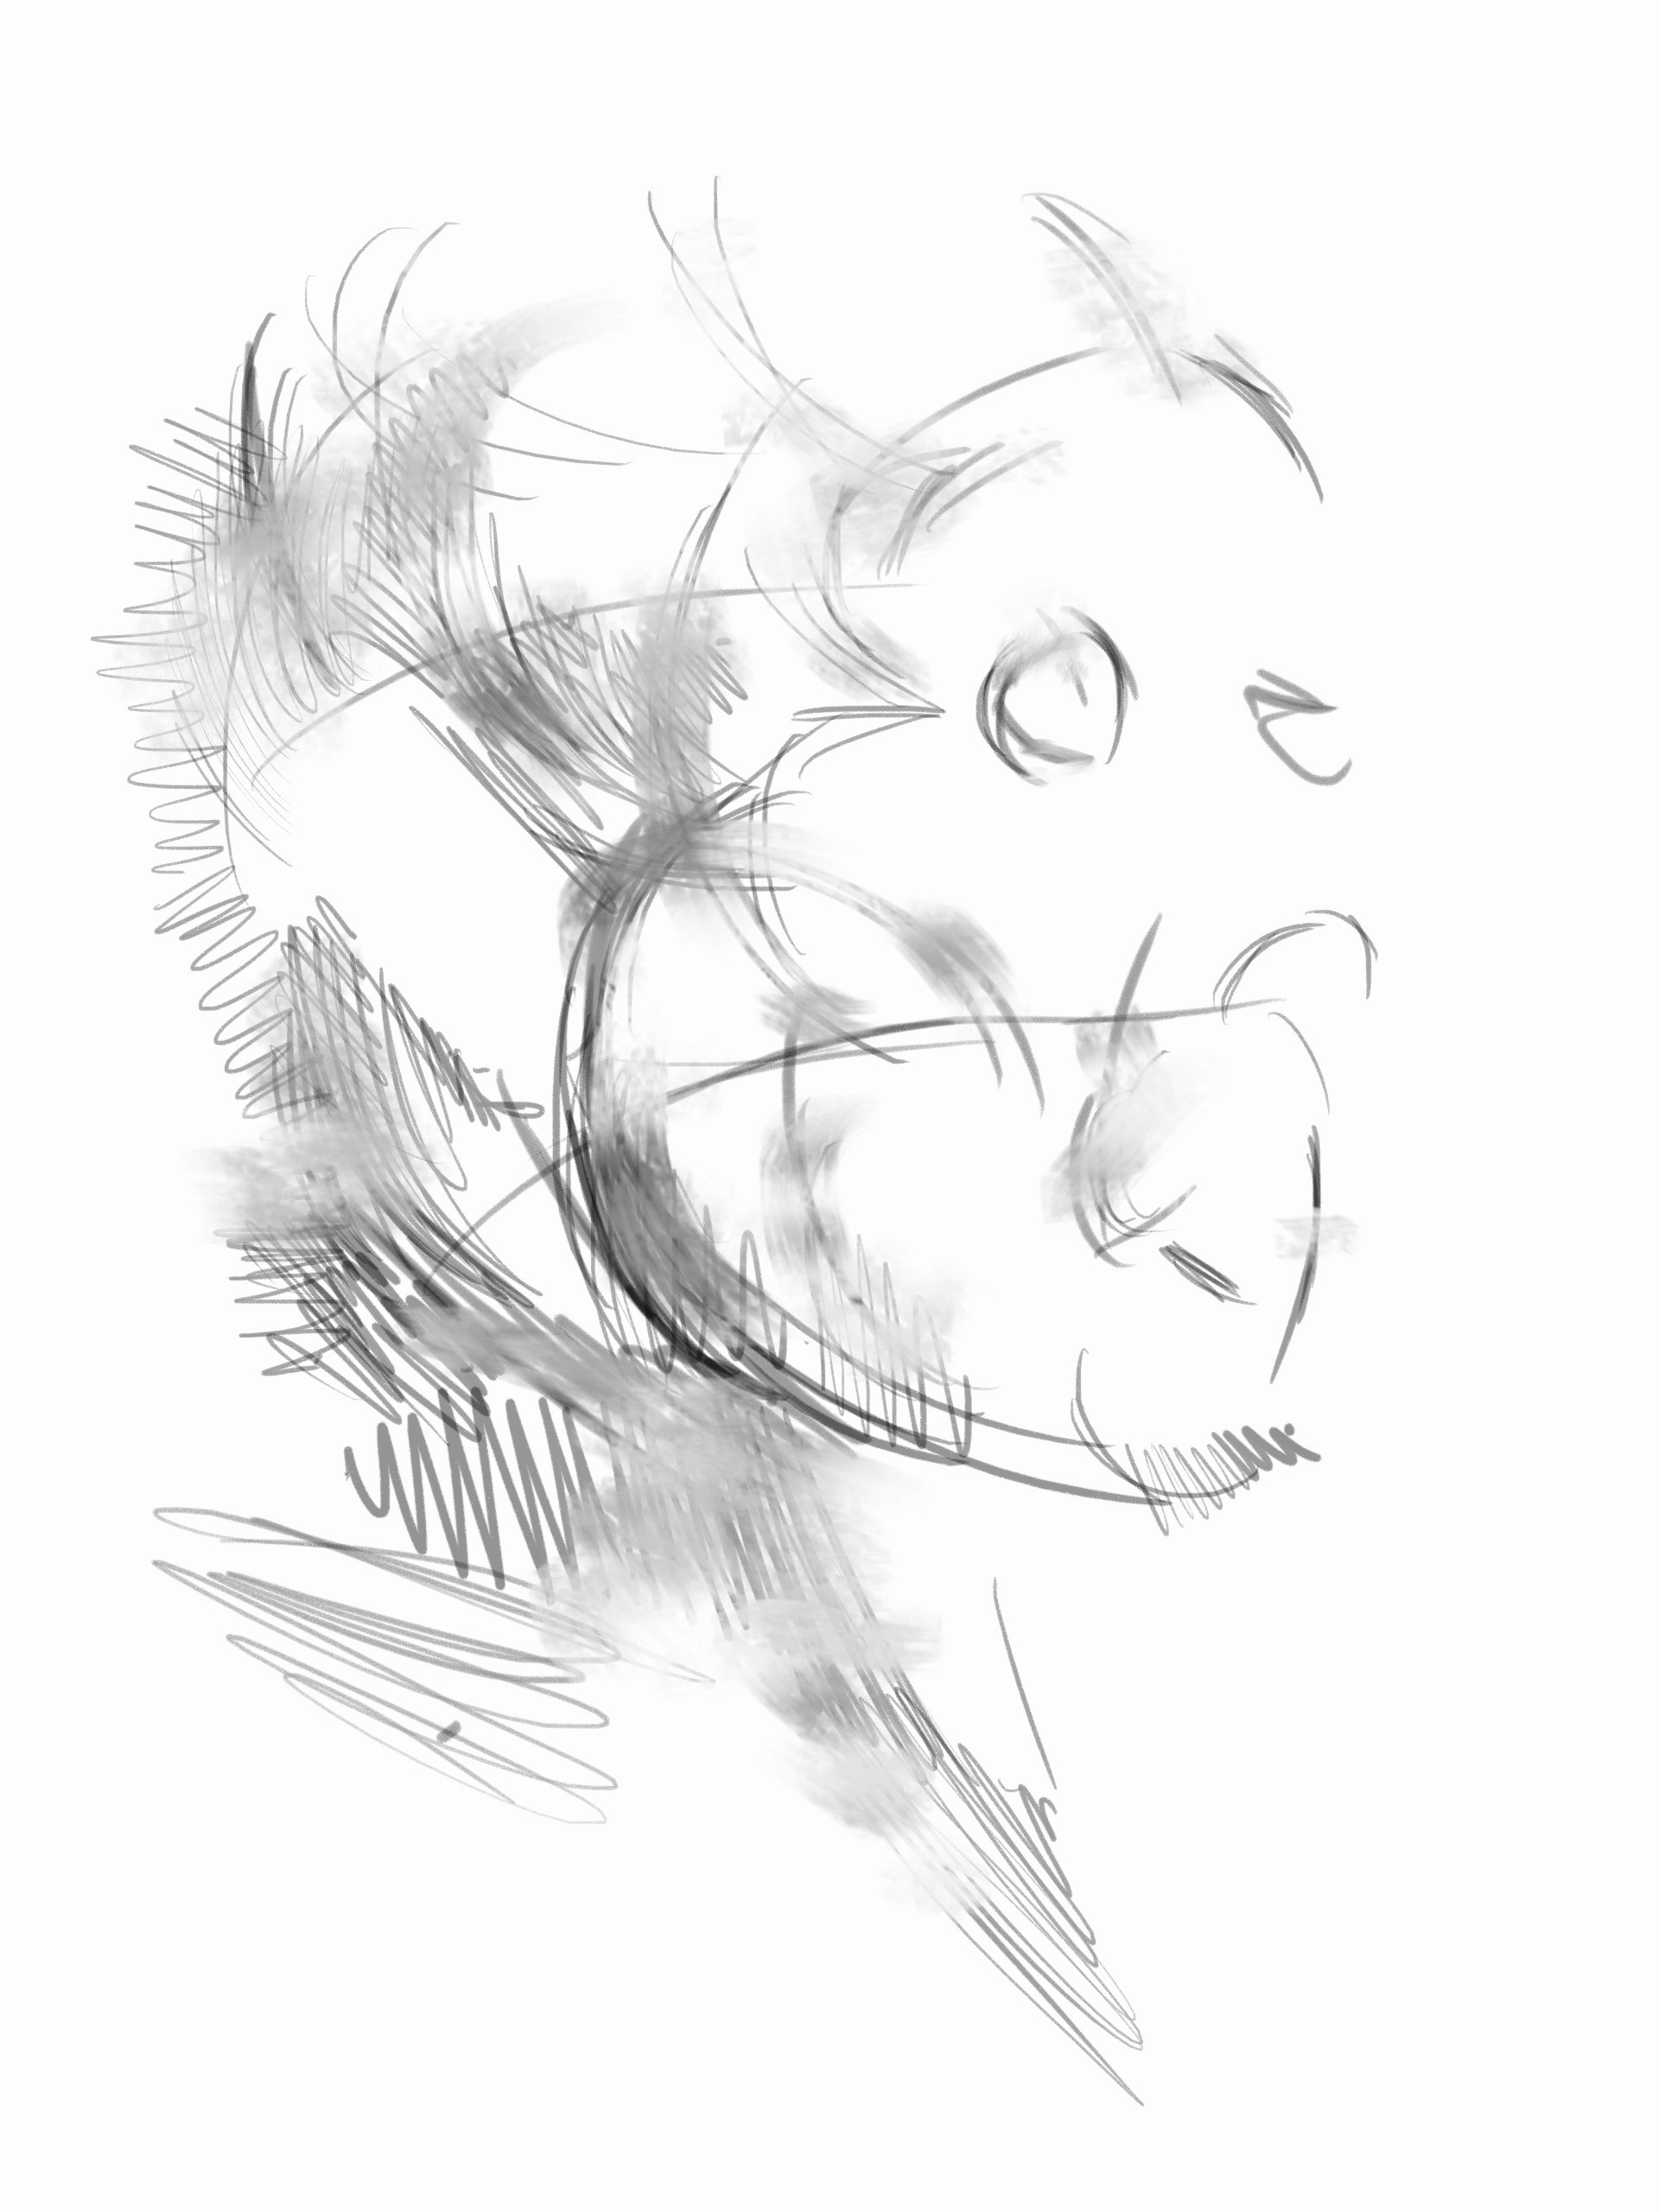 Szilagyi szilard sketch01